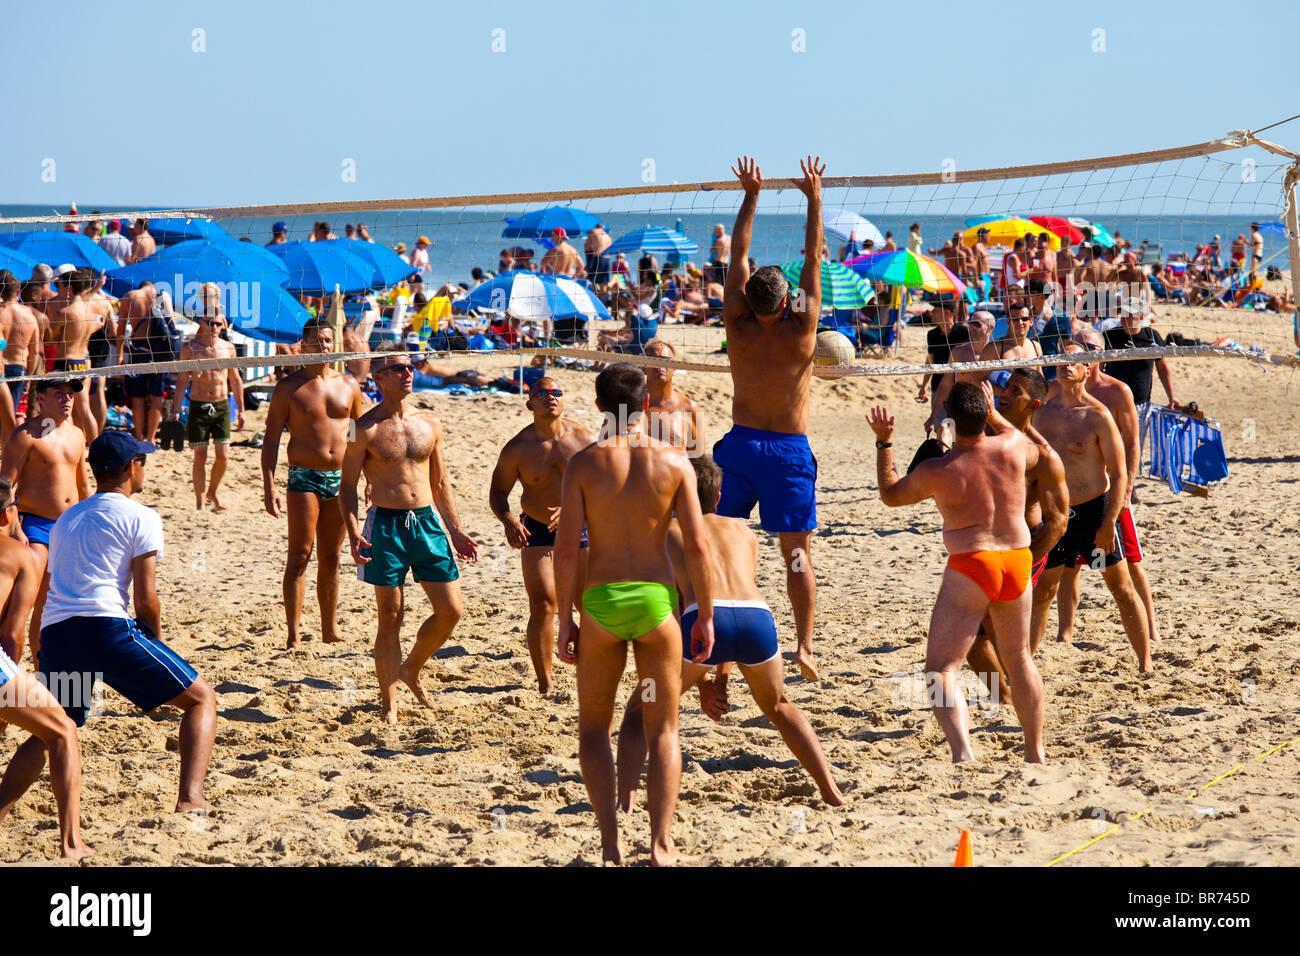 Rehobith beach a gay area